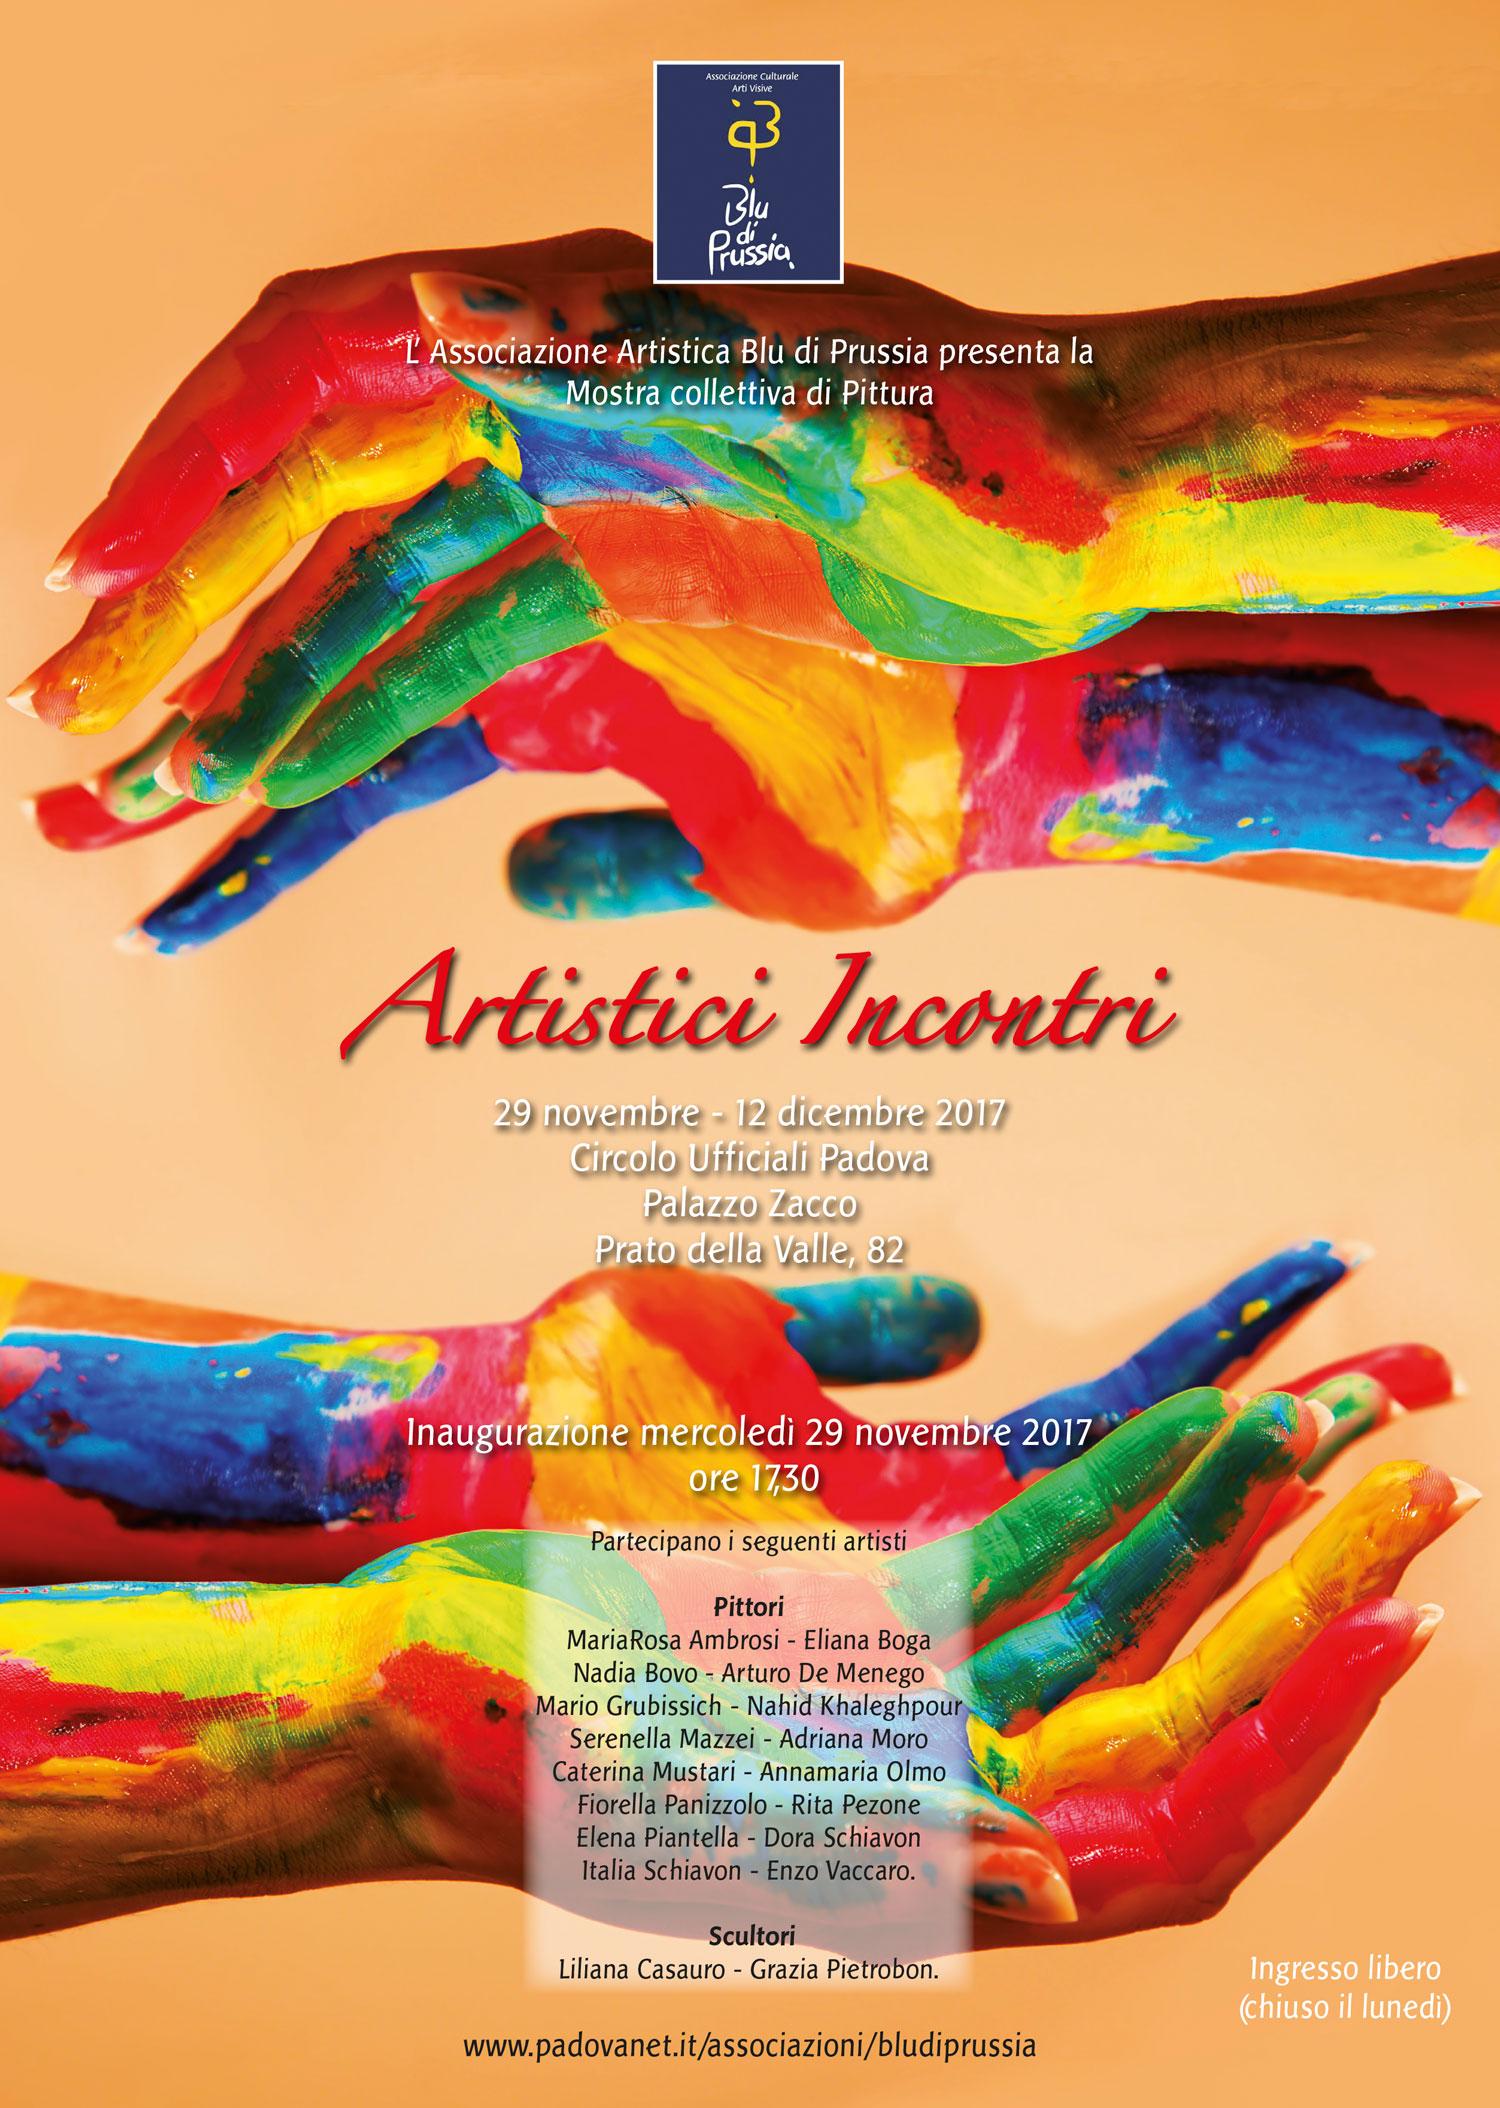 Associazione blu di prussia chi siamo for Mostre pittura 2017